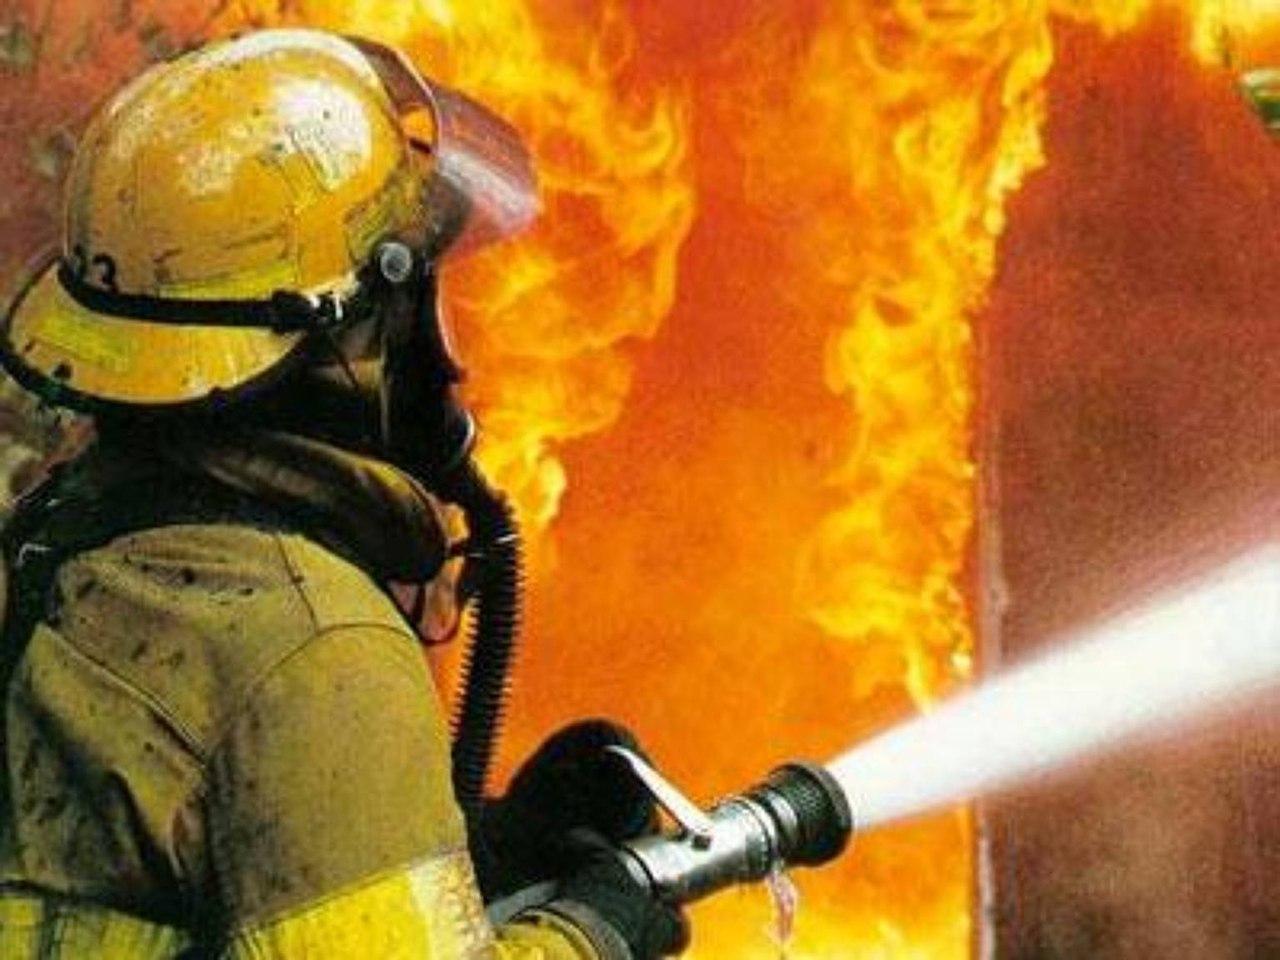 За прошедшие сутки в Якутии произошло семь пожаров